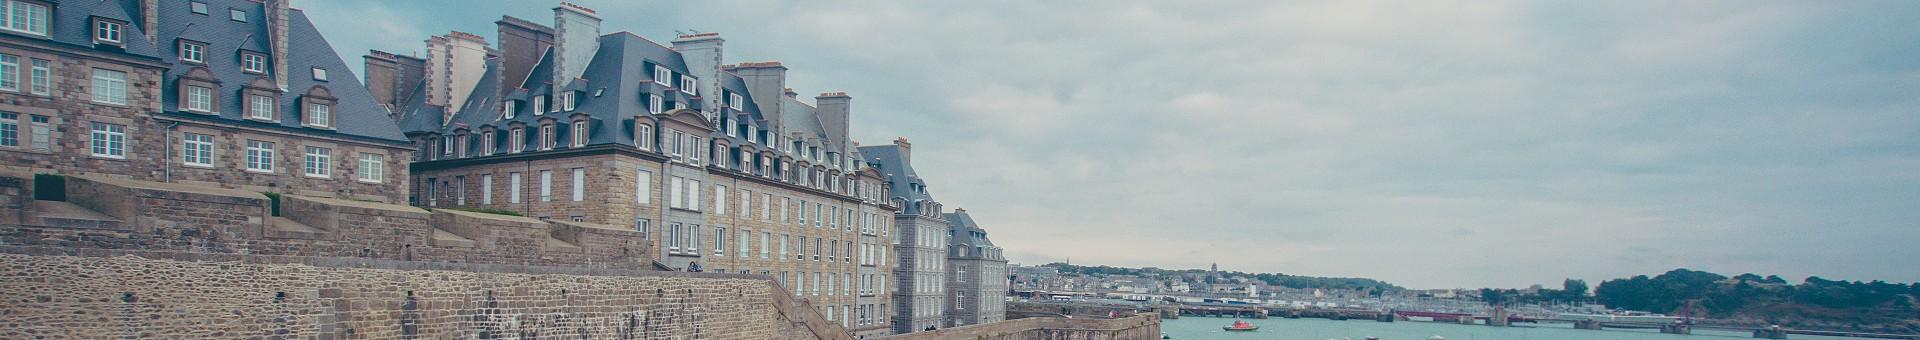 France | Saint-Malo